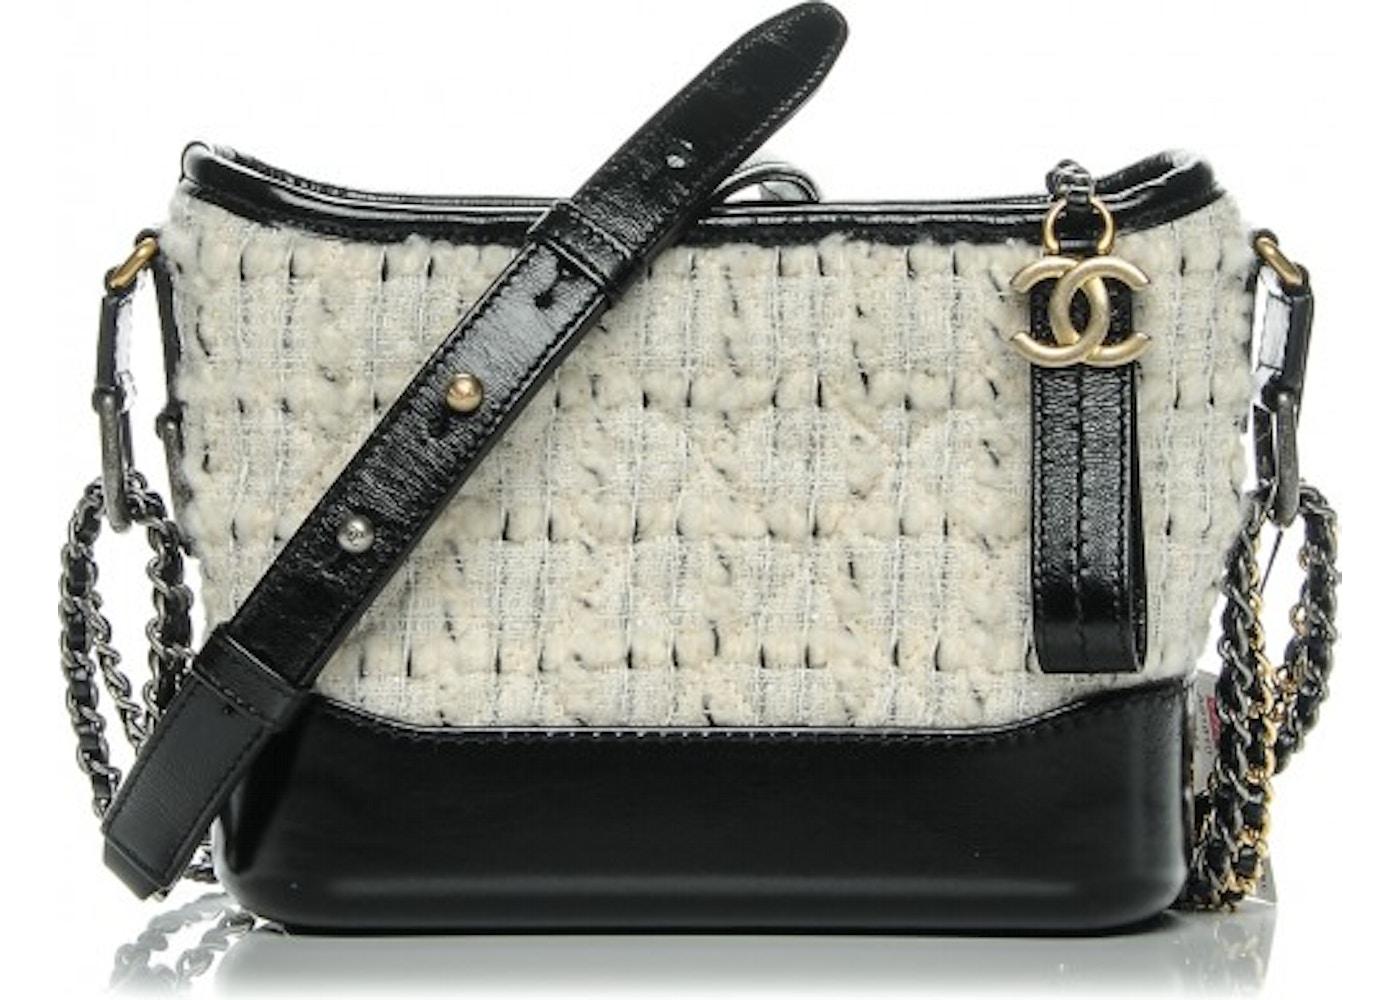 17a0b550220d Chanel Gabrielle Hobo Gabrielle Small Off-White Black